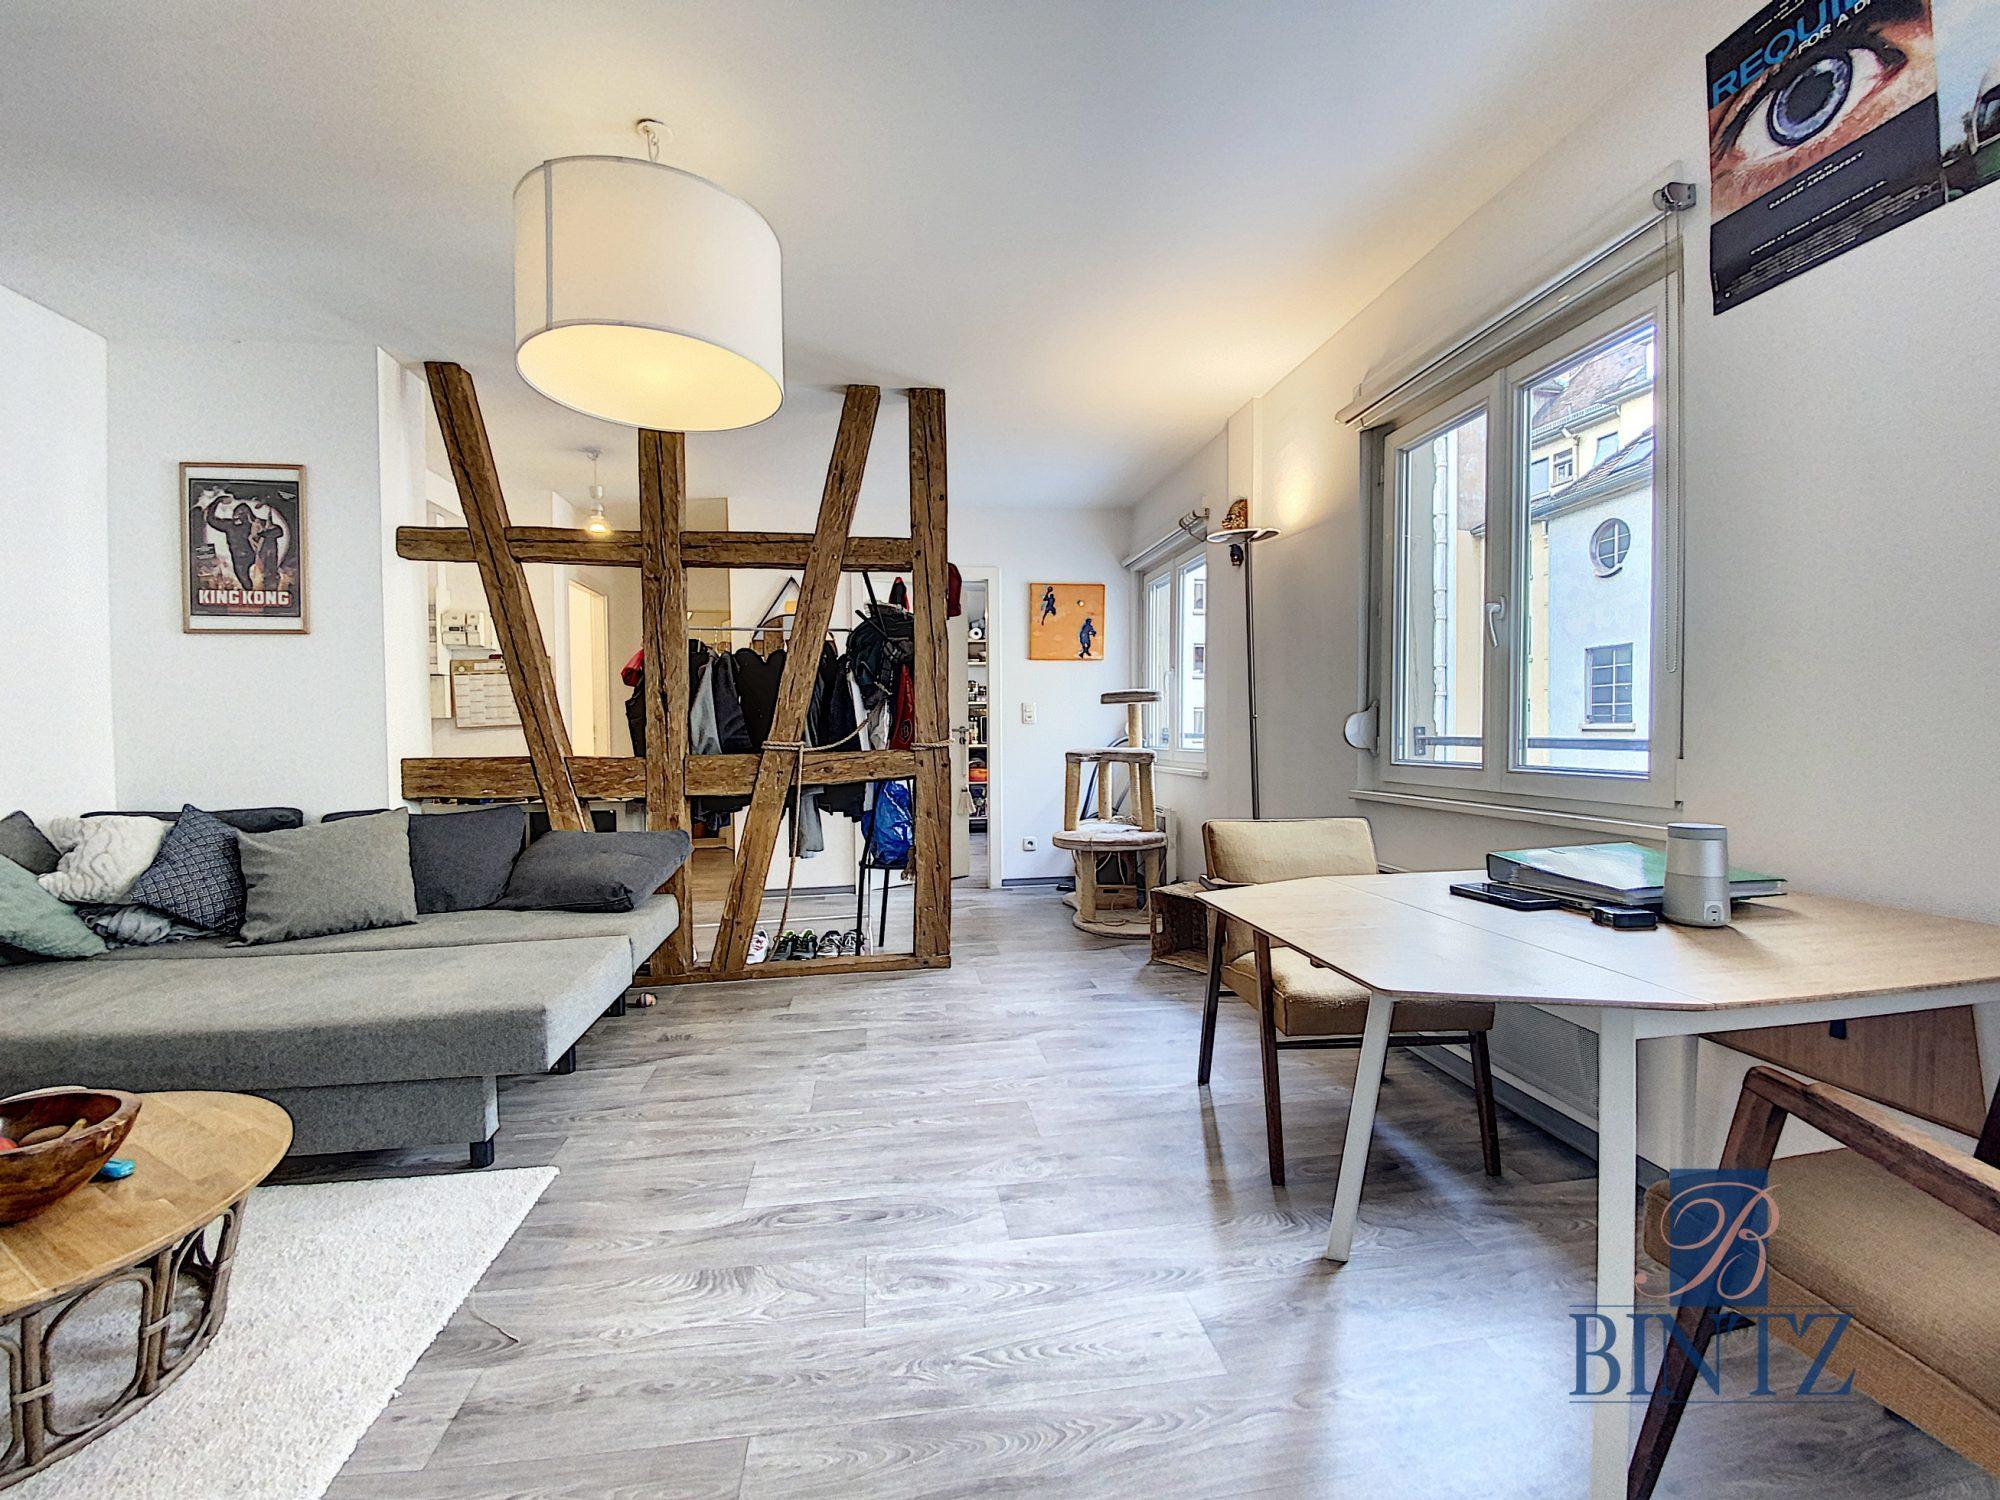 T2 HYPER CENTRE - Devenez locataire en toute sérénité - Bintz Immobilier - 3